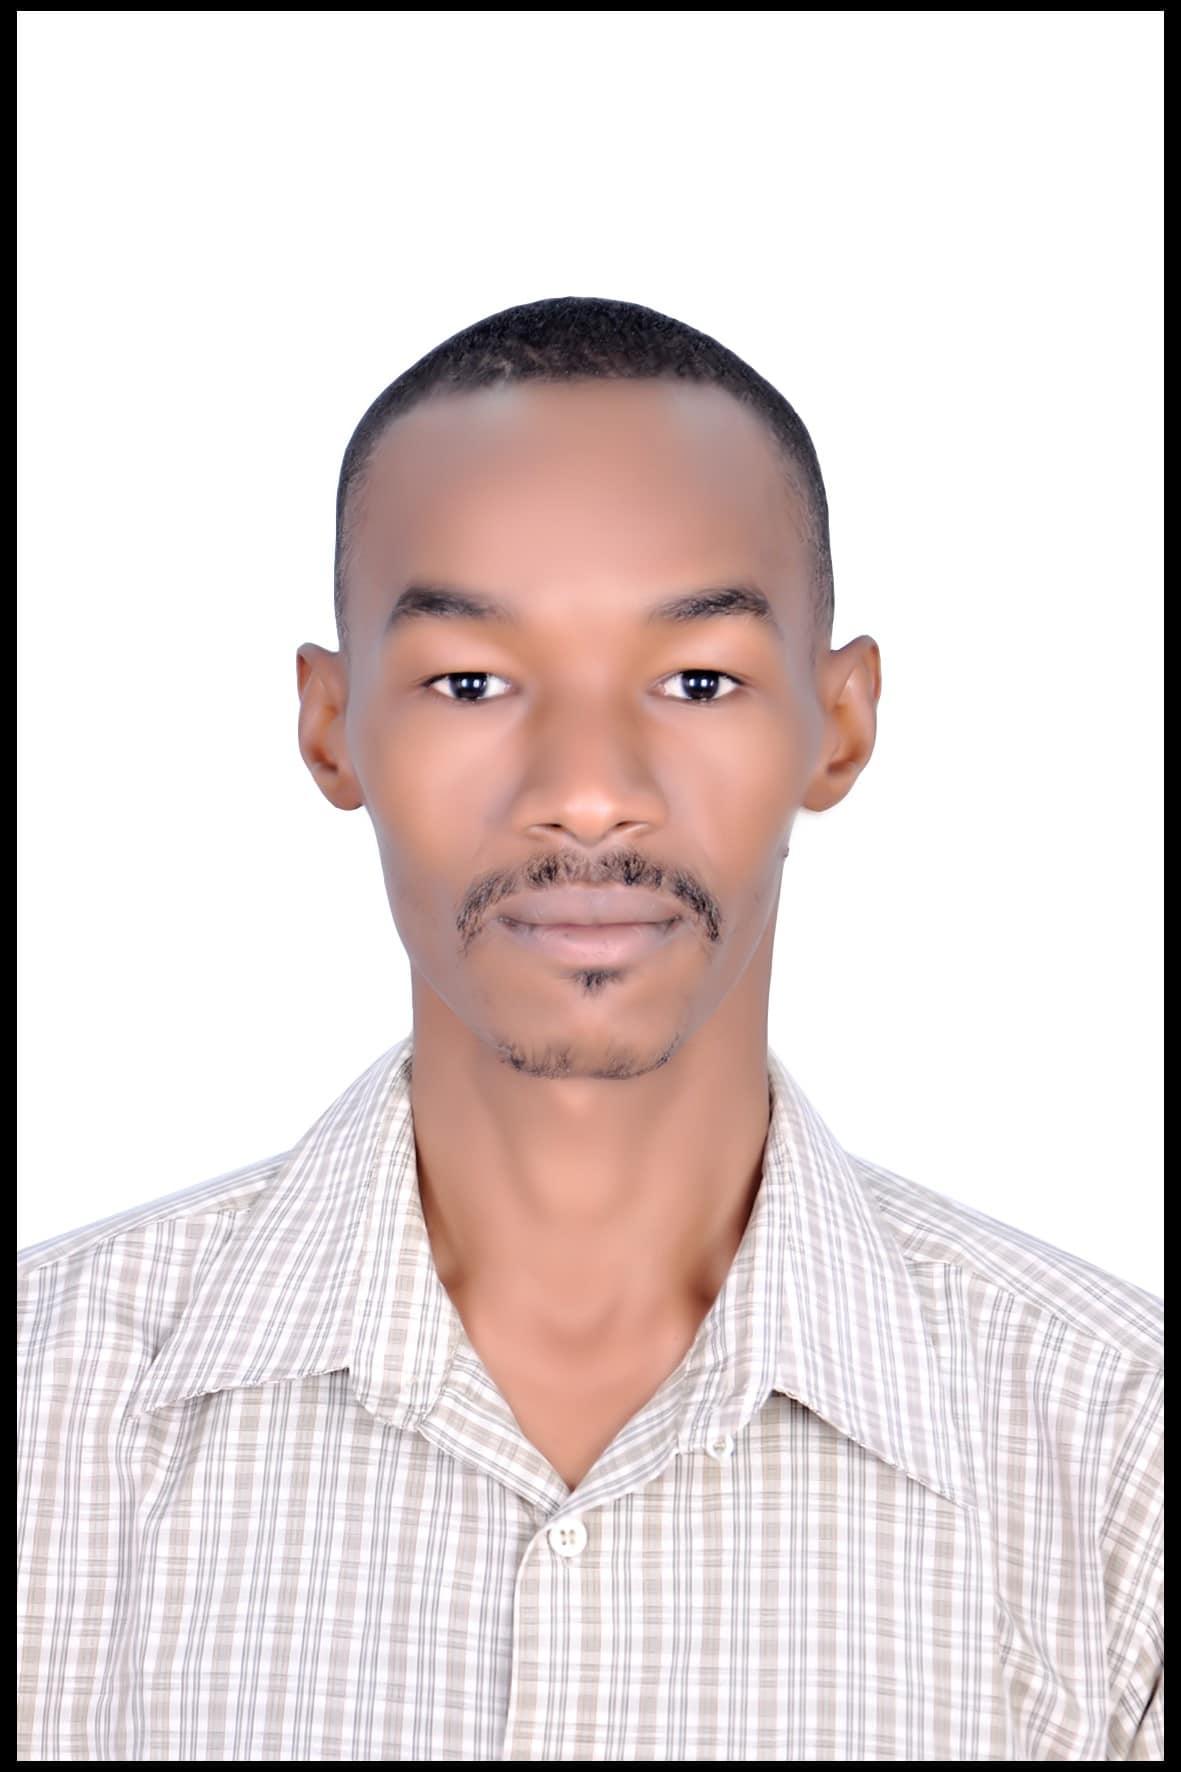 Muhyi Eldeen Salih Homeida Salih, Al Gadarif, Sudan